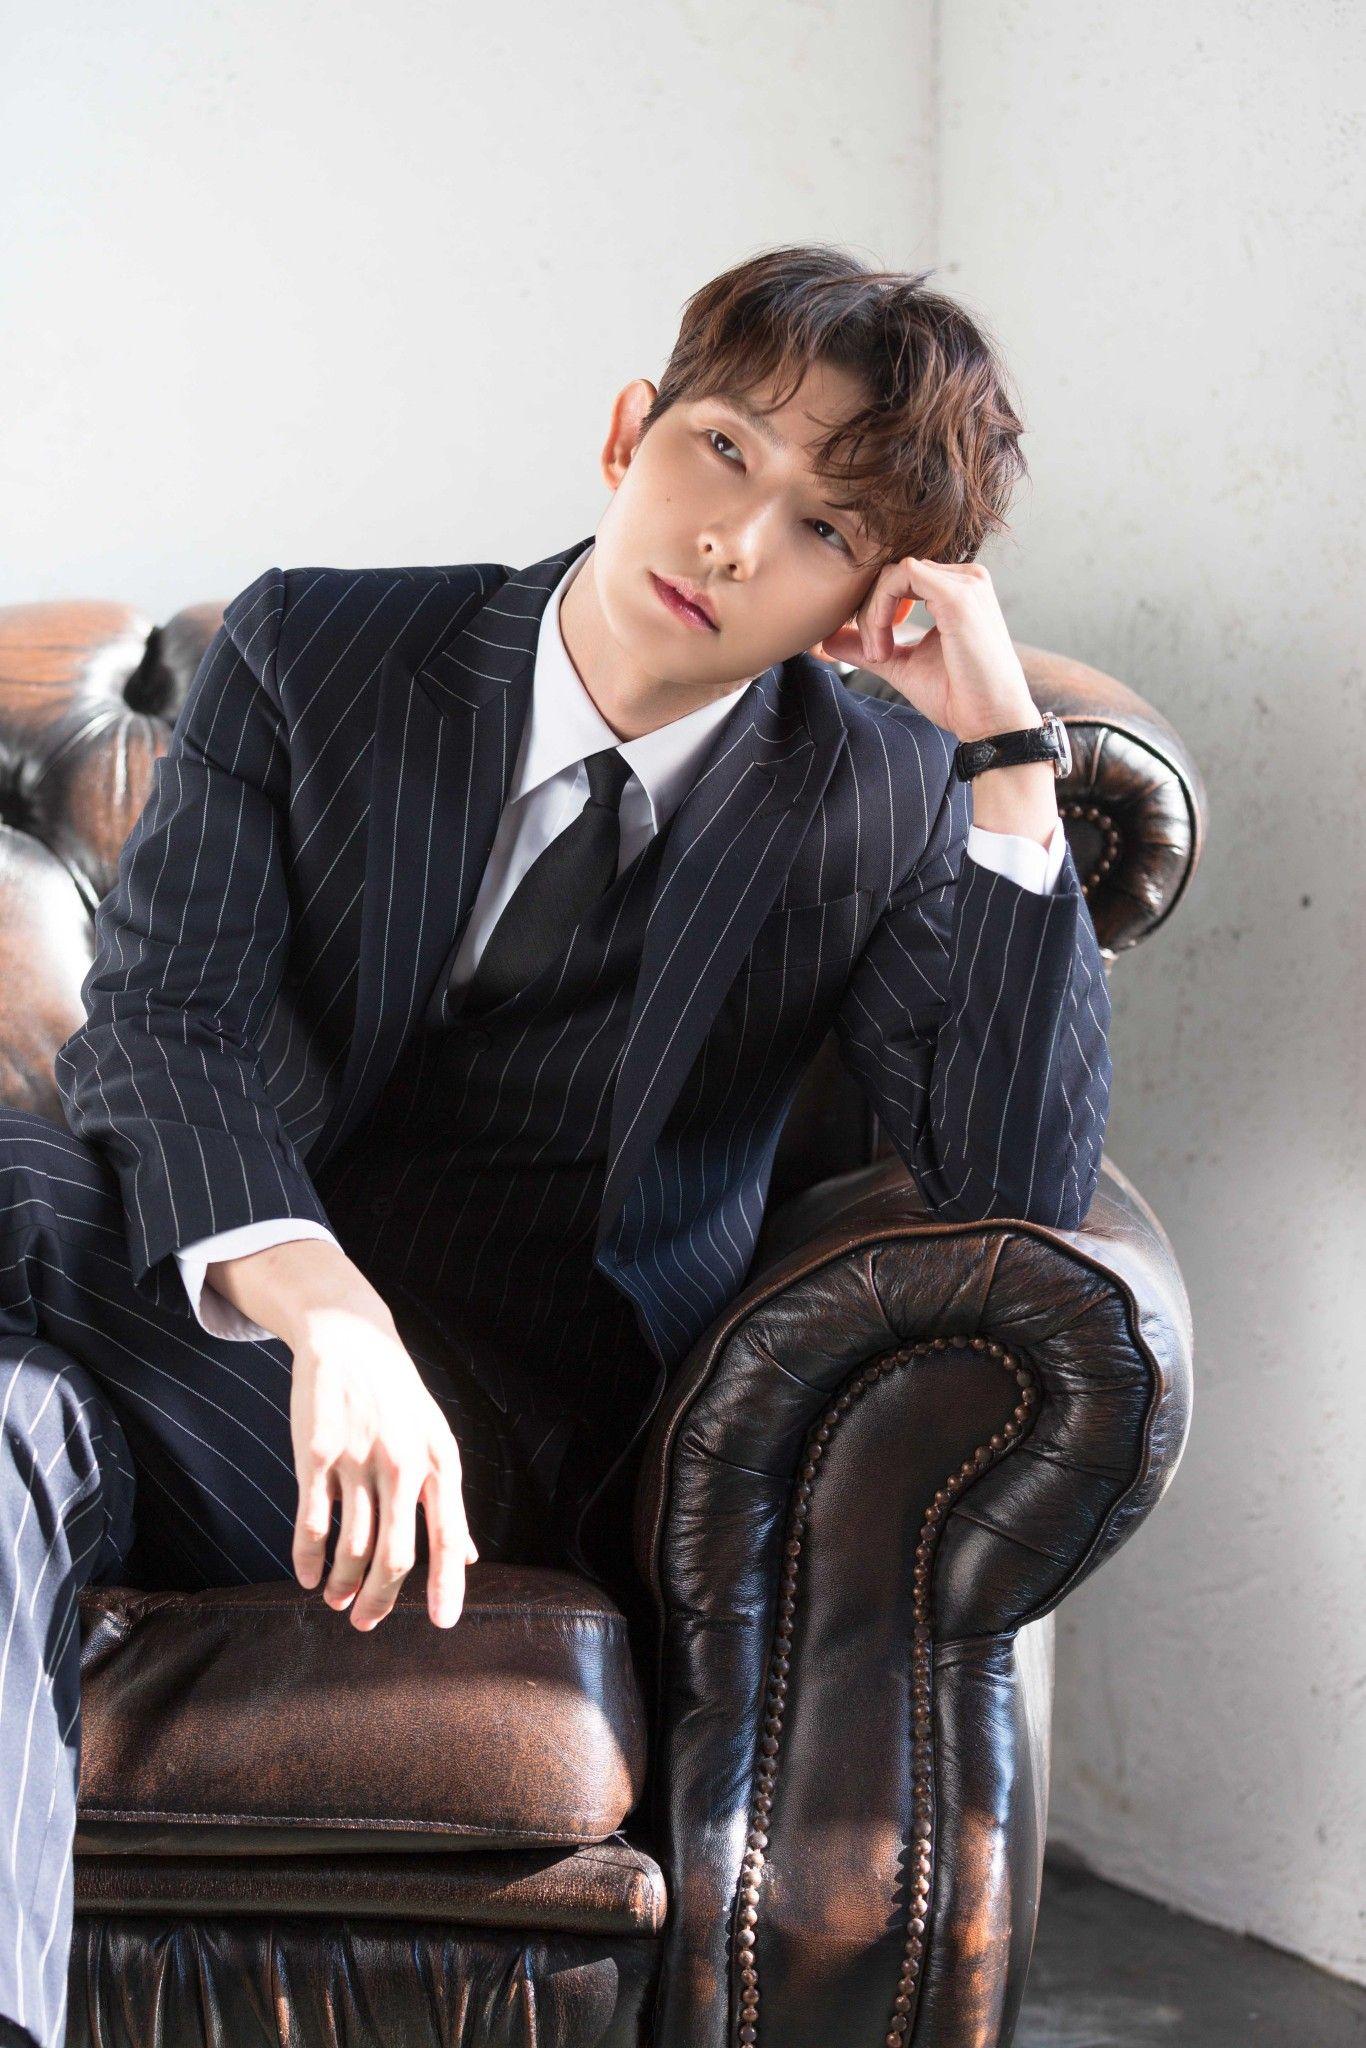 Pin by Yekojks jk on @actor_jg Lee Joon gi ️ in 2020